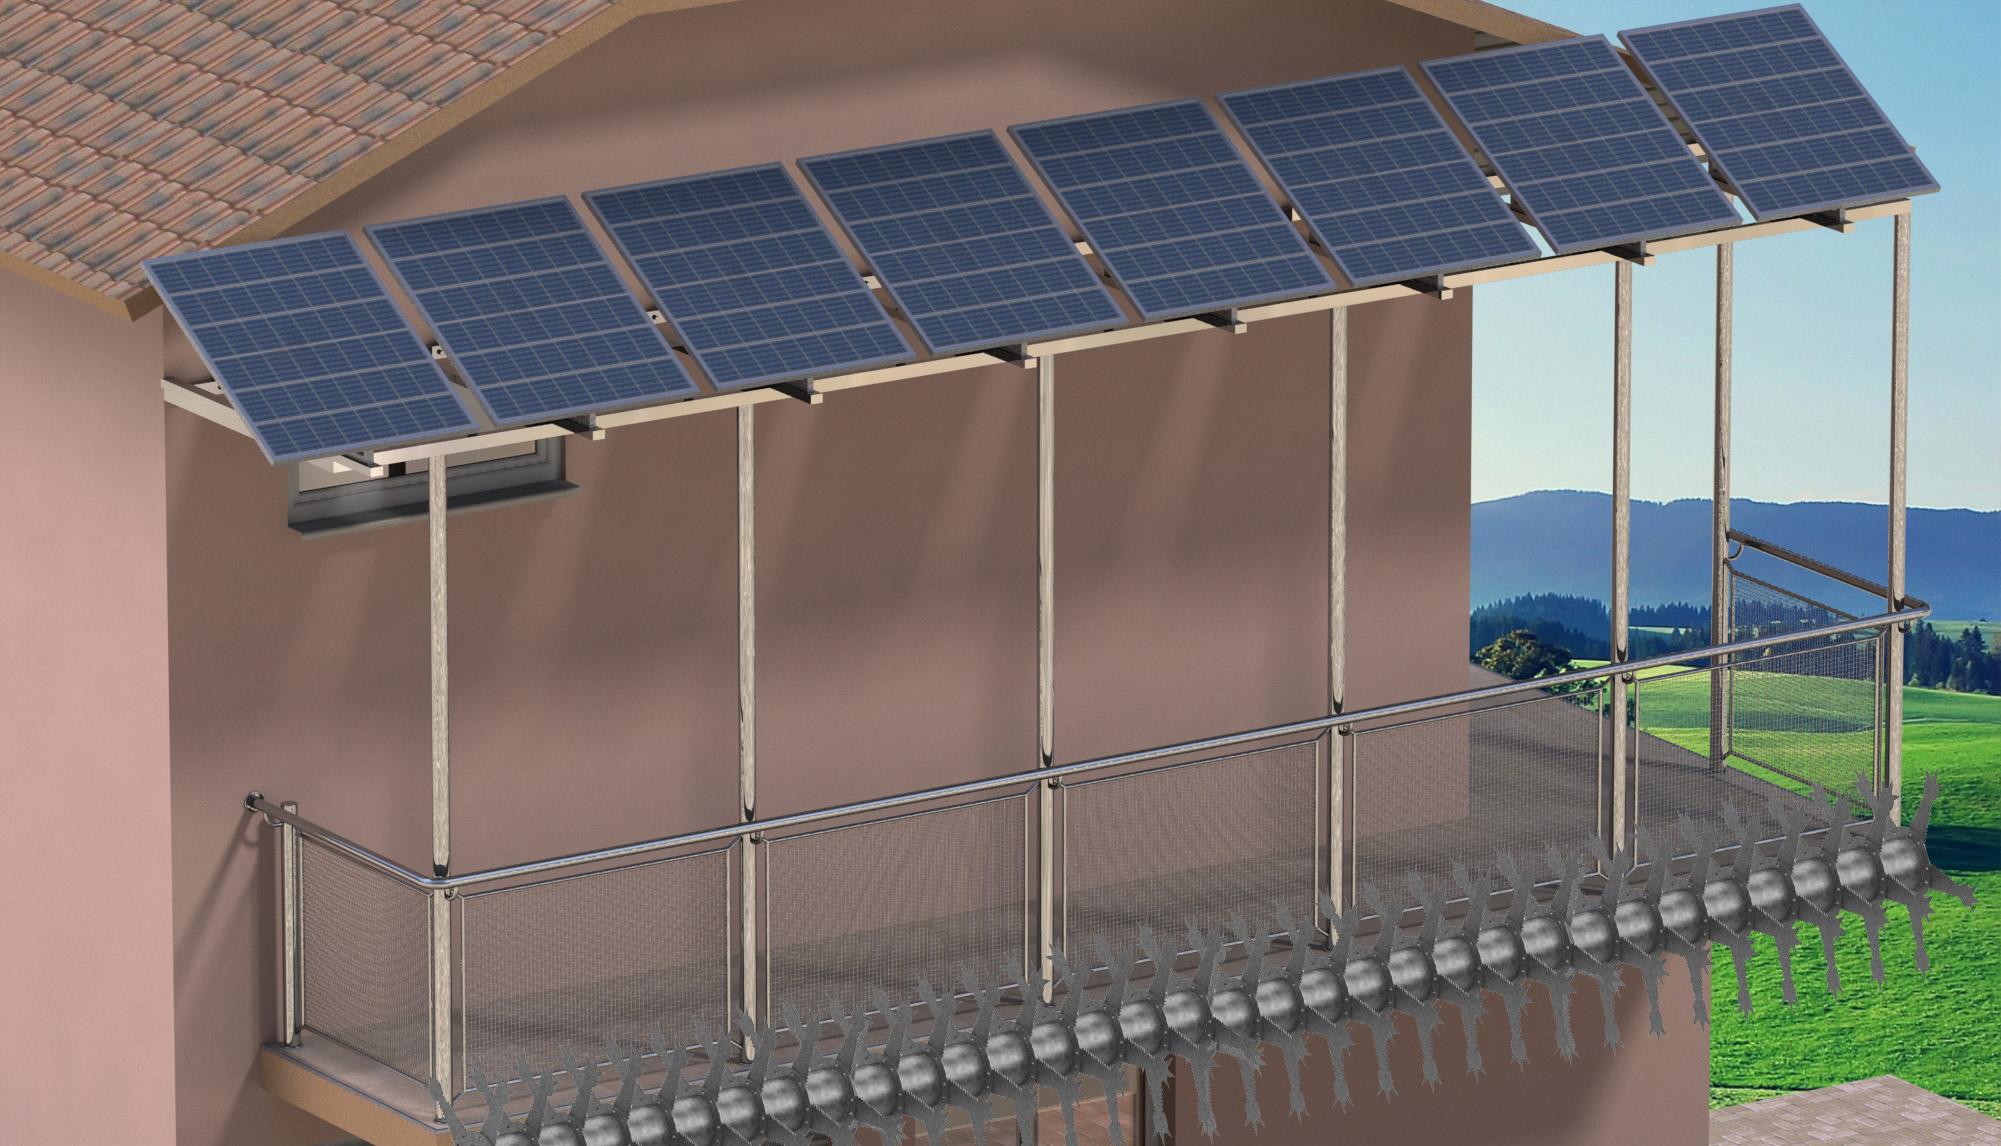 Μεταλλικός φράχτης COBRA σε μπαλκόνι σπιτιού